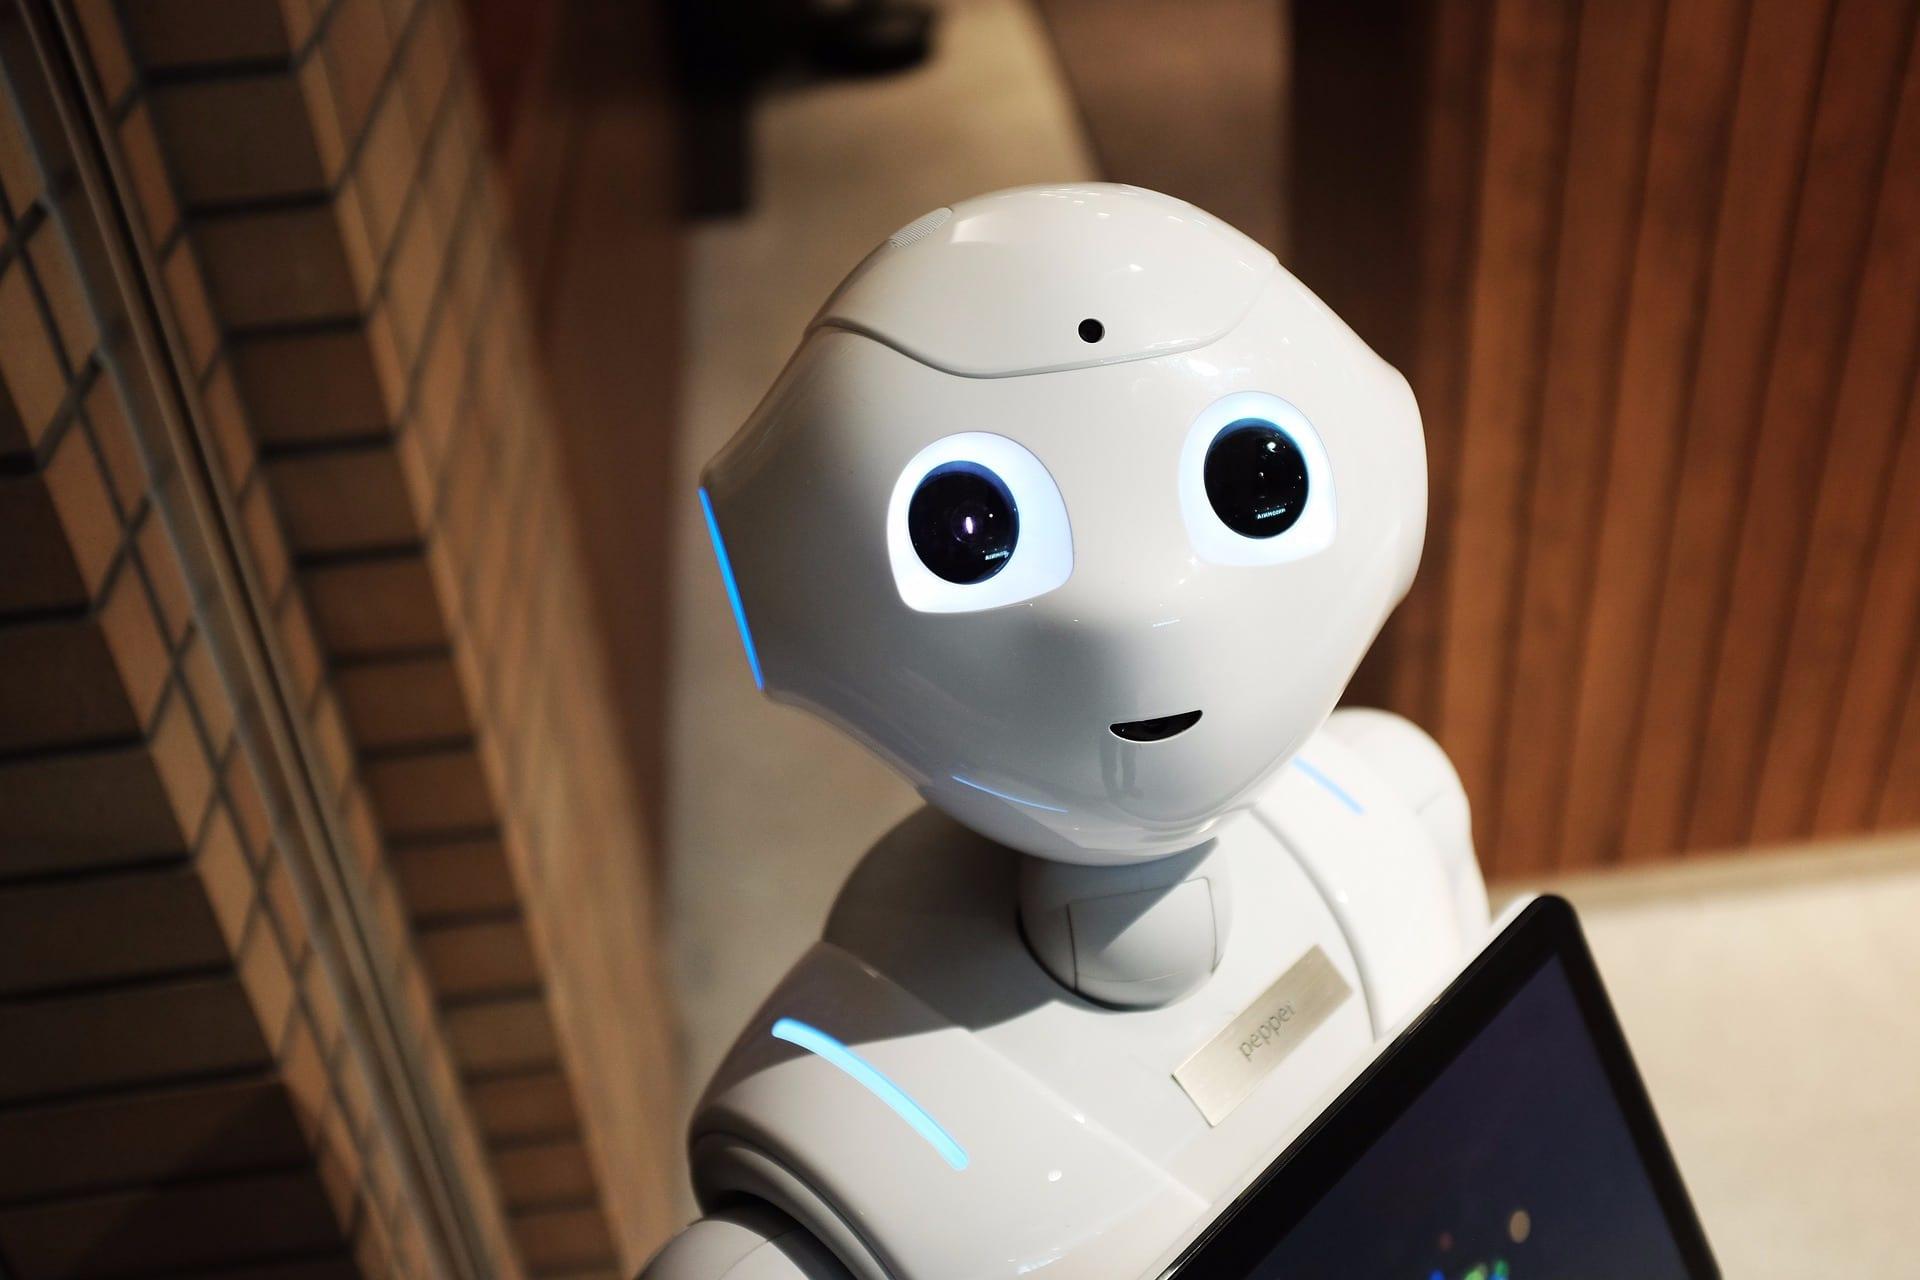 Robot looking at the camera